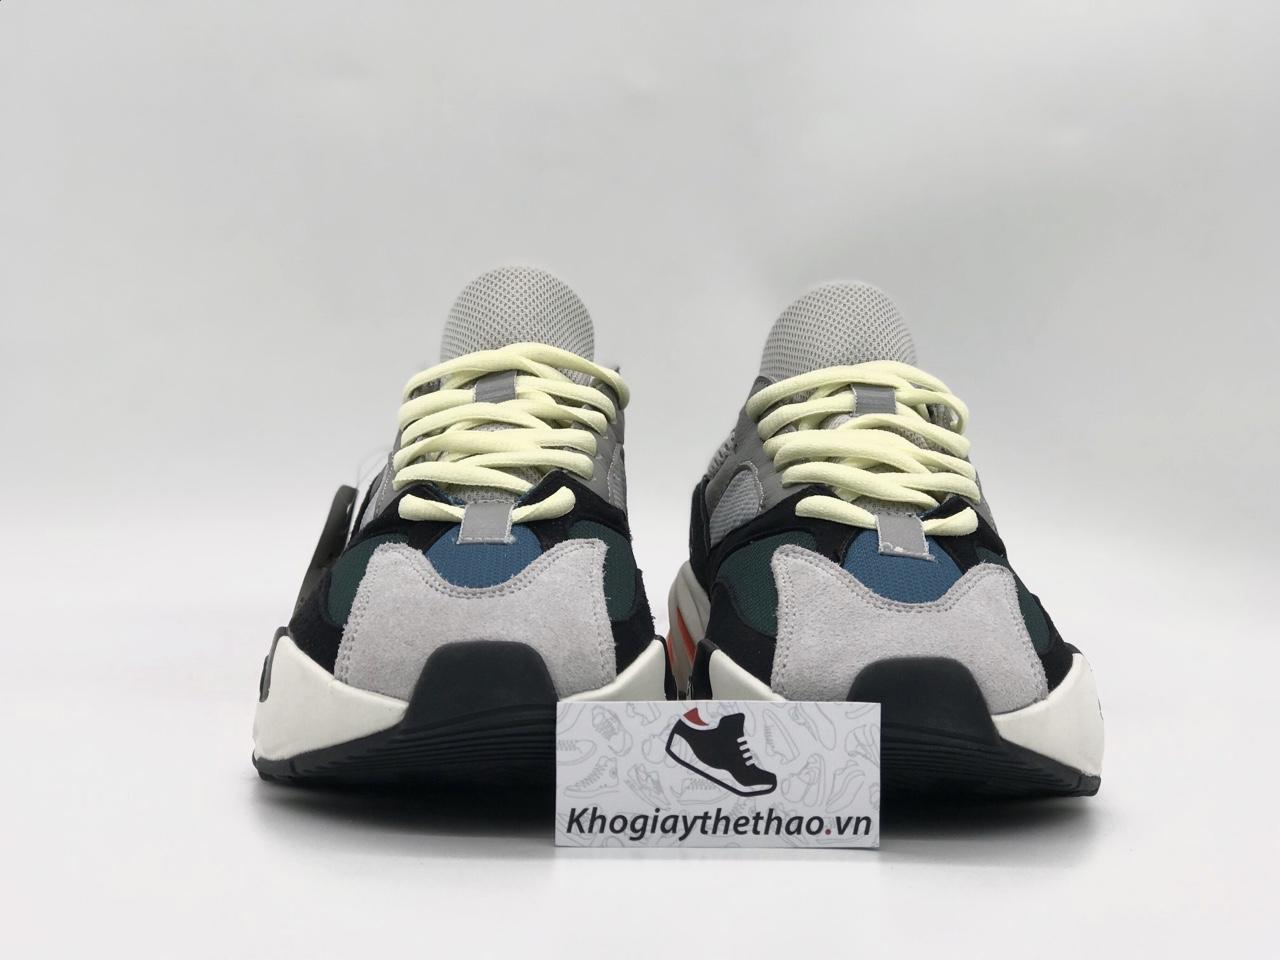 Giày adidas yeezy 700 v2 og wave runner rep